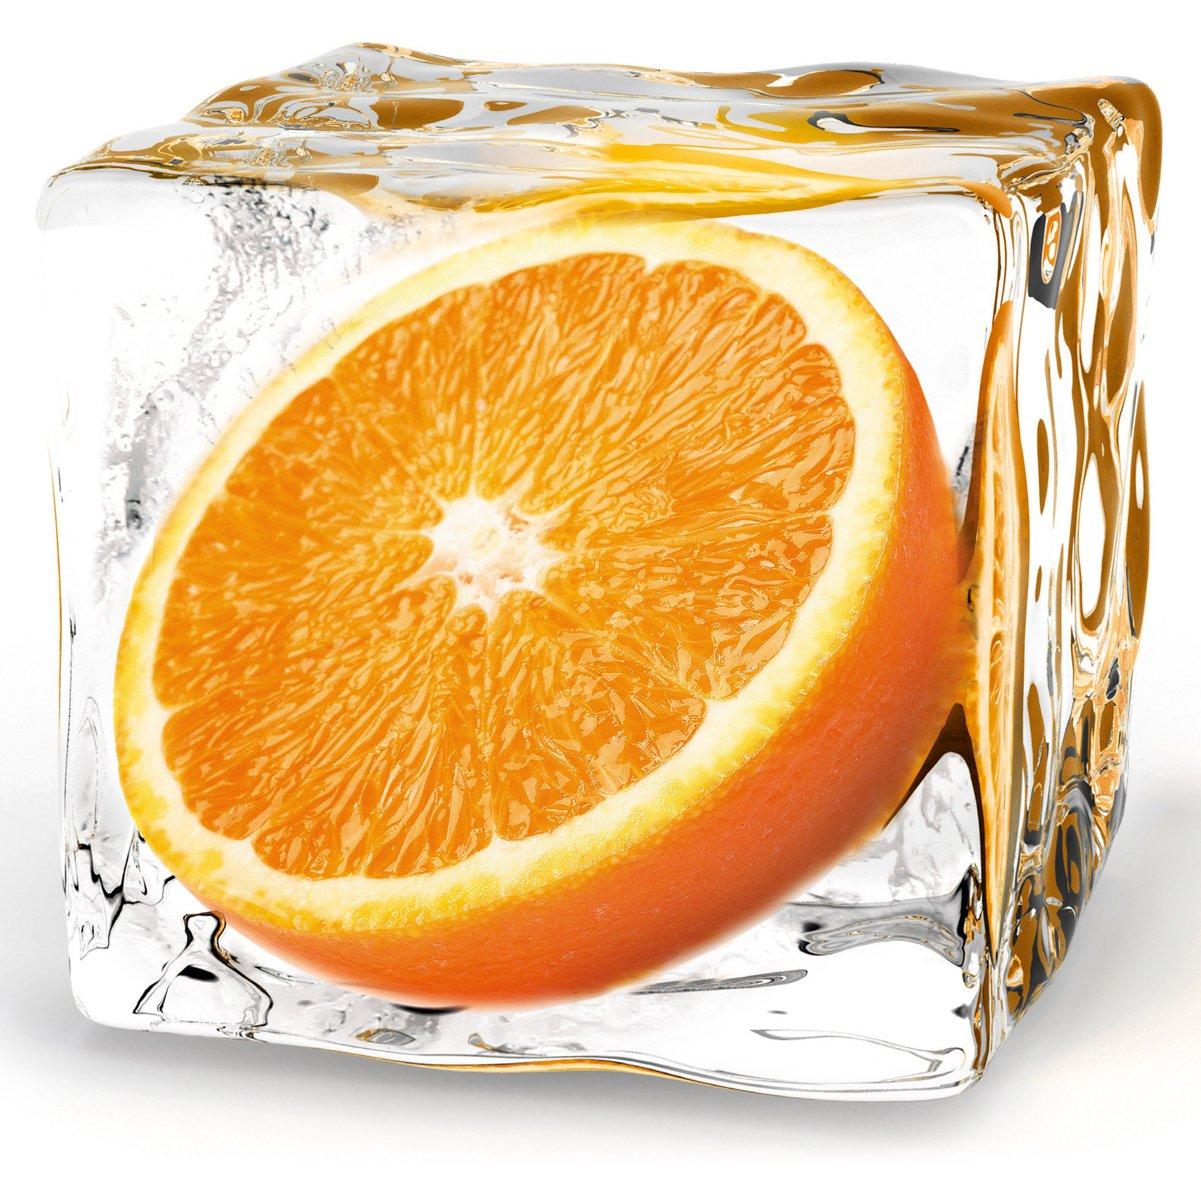 Eurographics DG-DT7175 Impression sur verre Motif orange 20 x 20 cm DG-DT5174